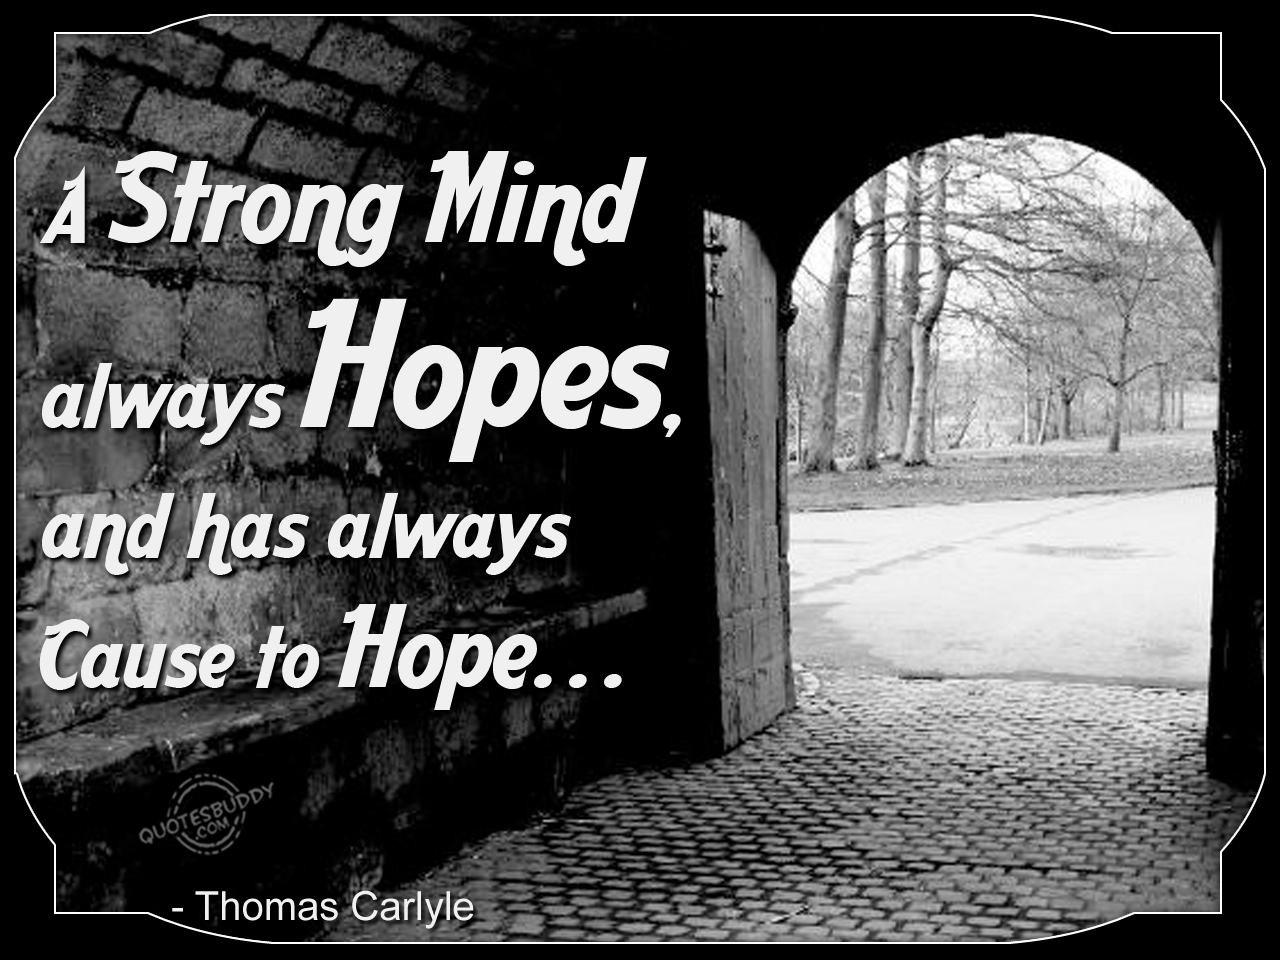 BrotherWord - Hope